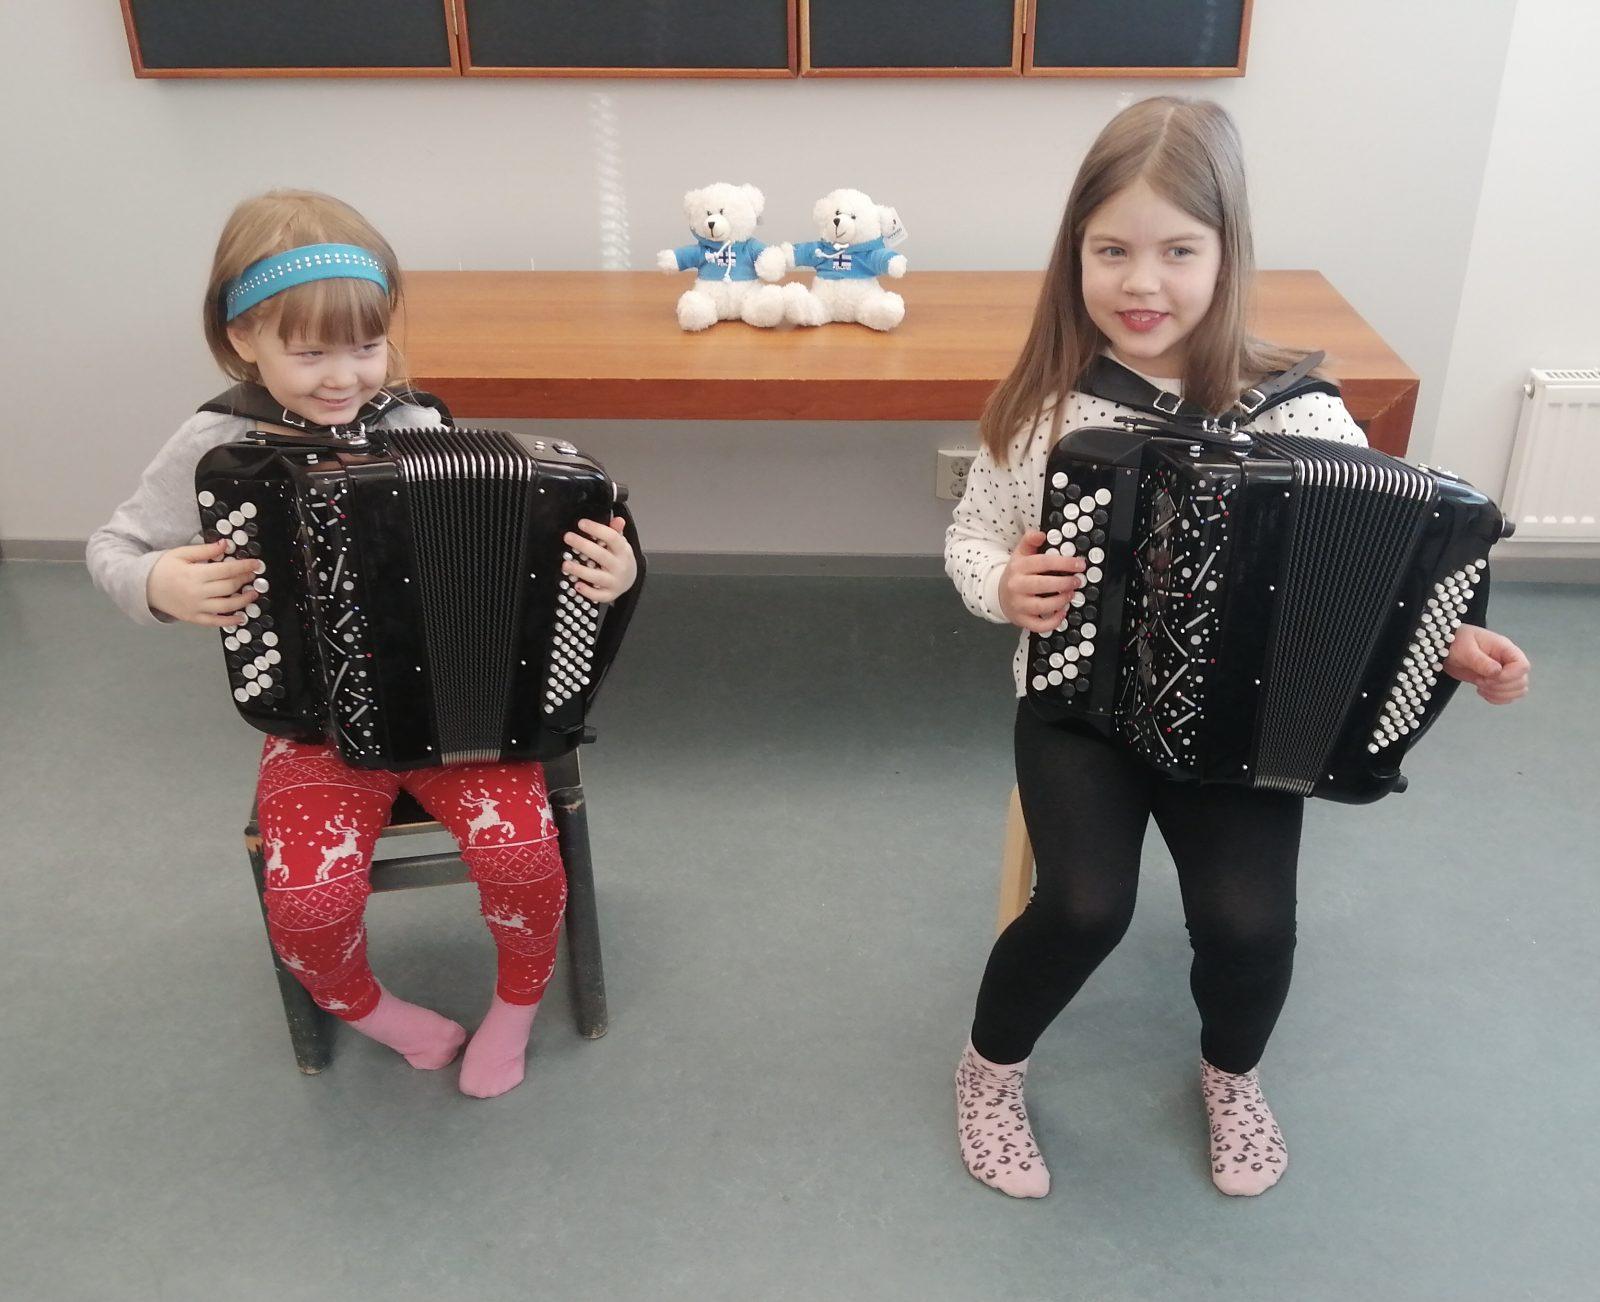 Pienet lapset soittavat harmonikkaa